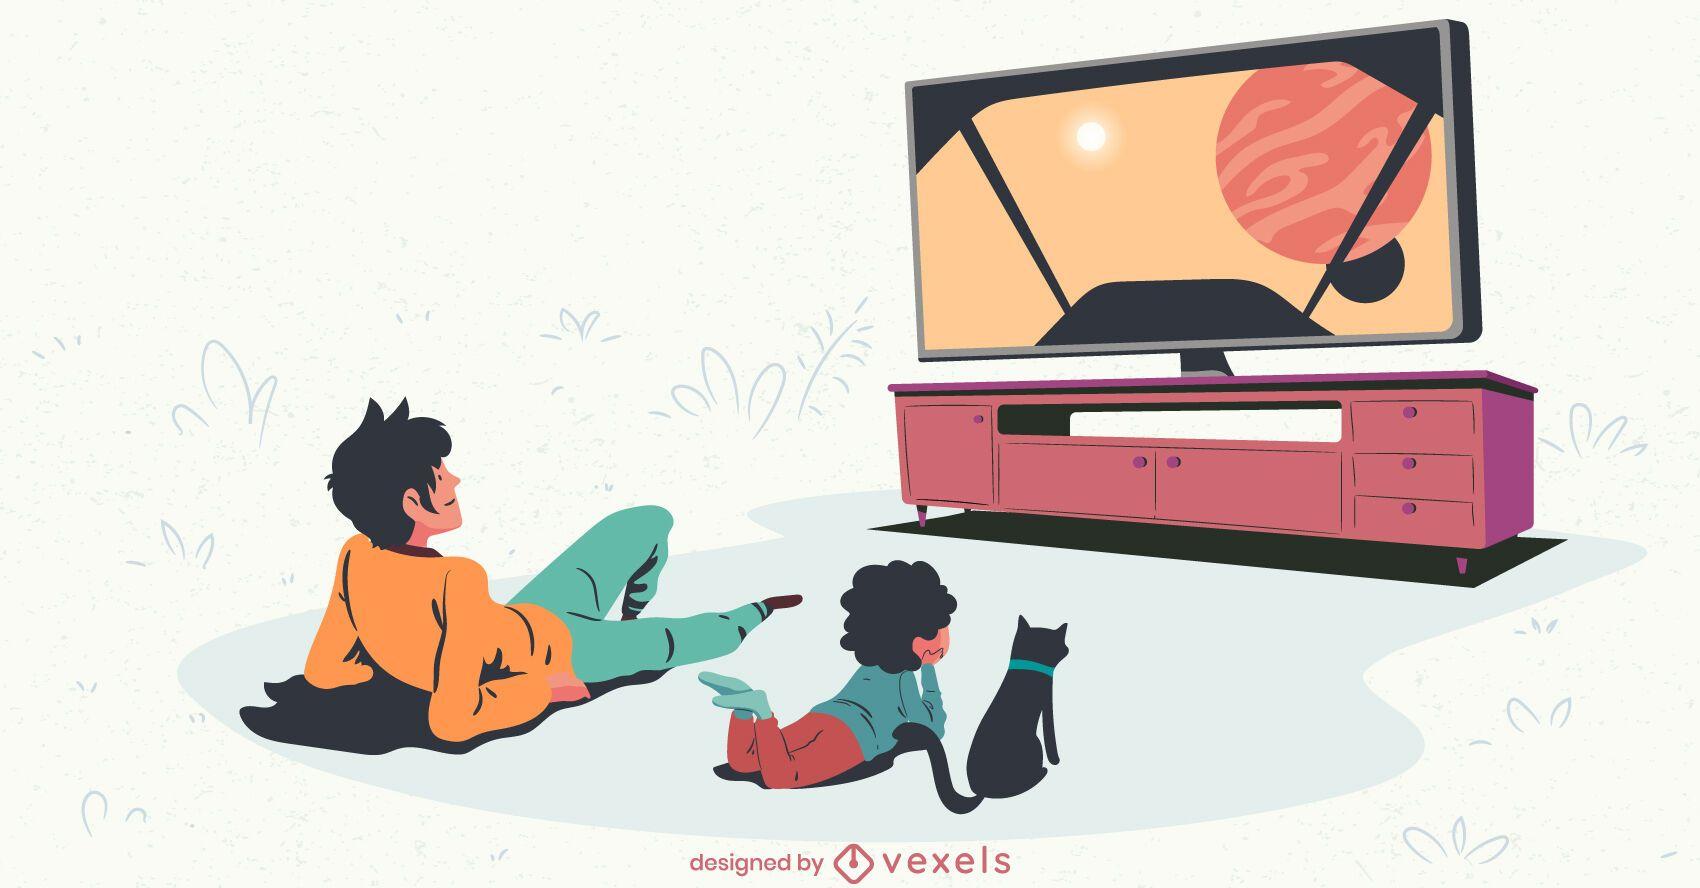 ilustraci?n de televisi?n hombre y ni?o